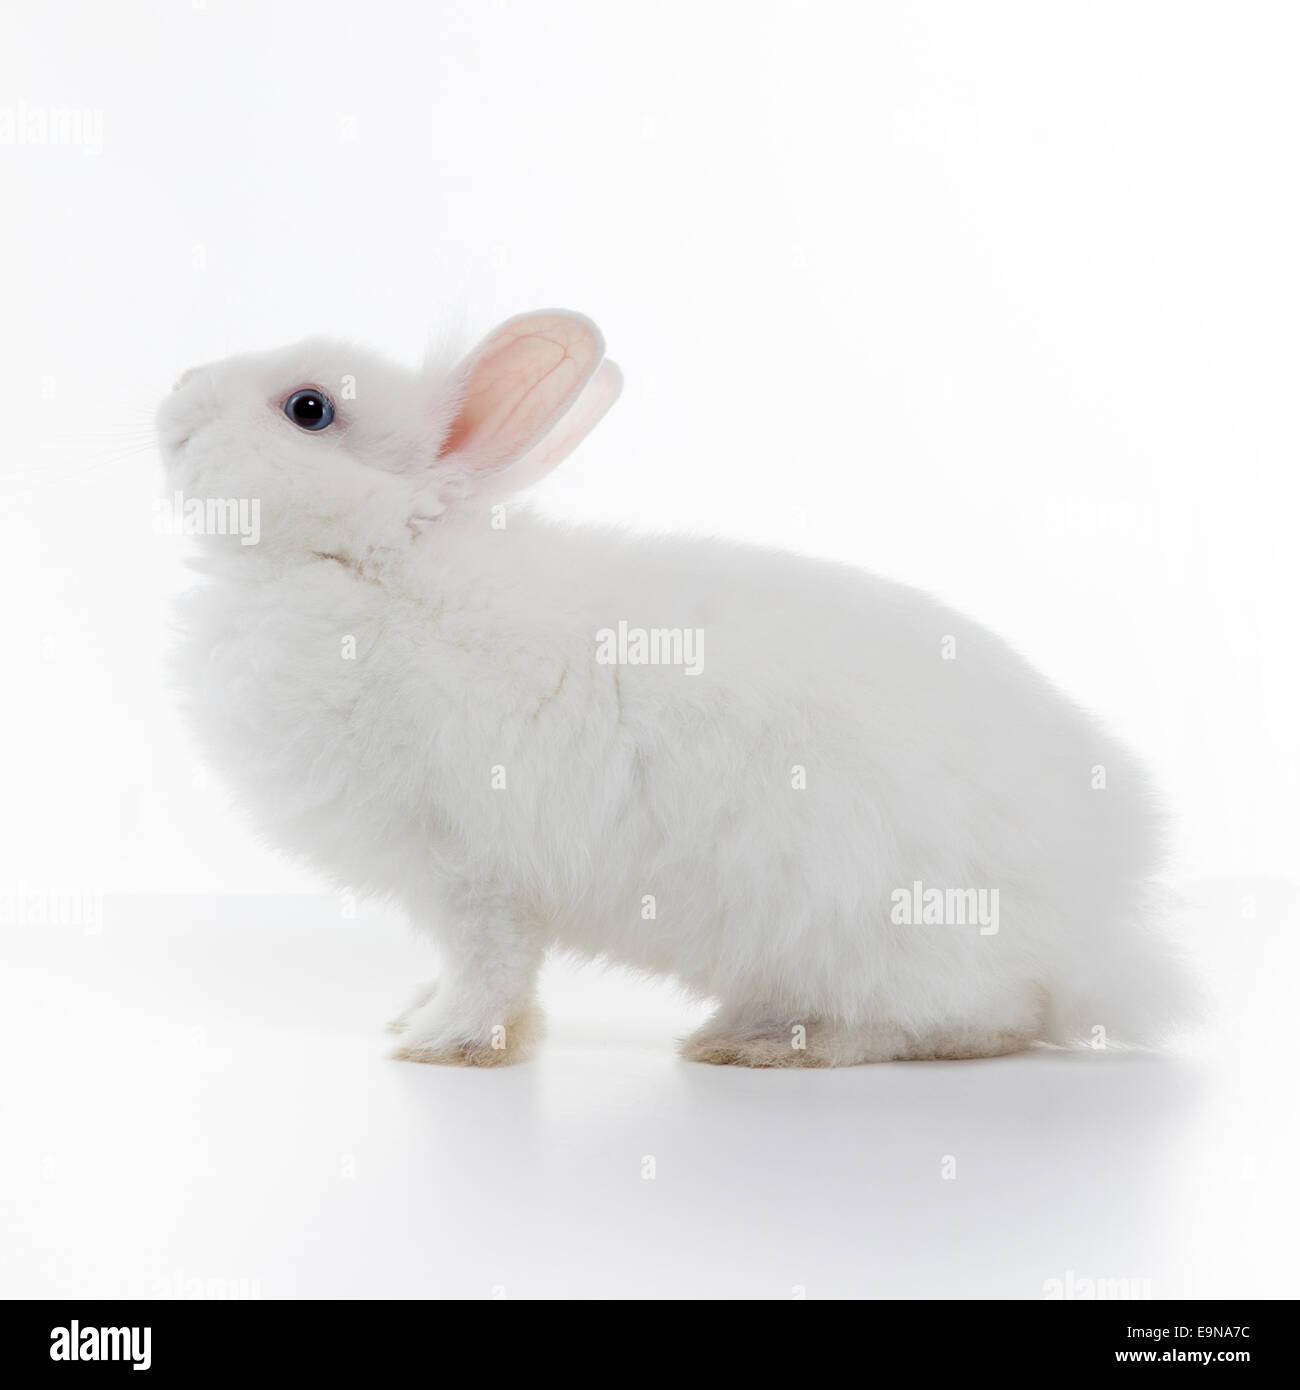 White rabbit isolated on white background - Stock Image